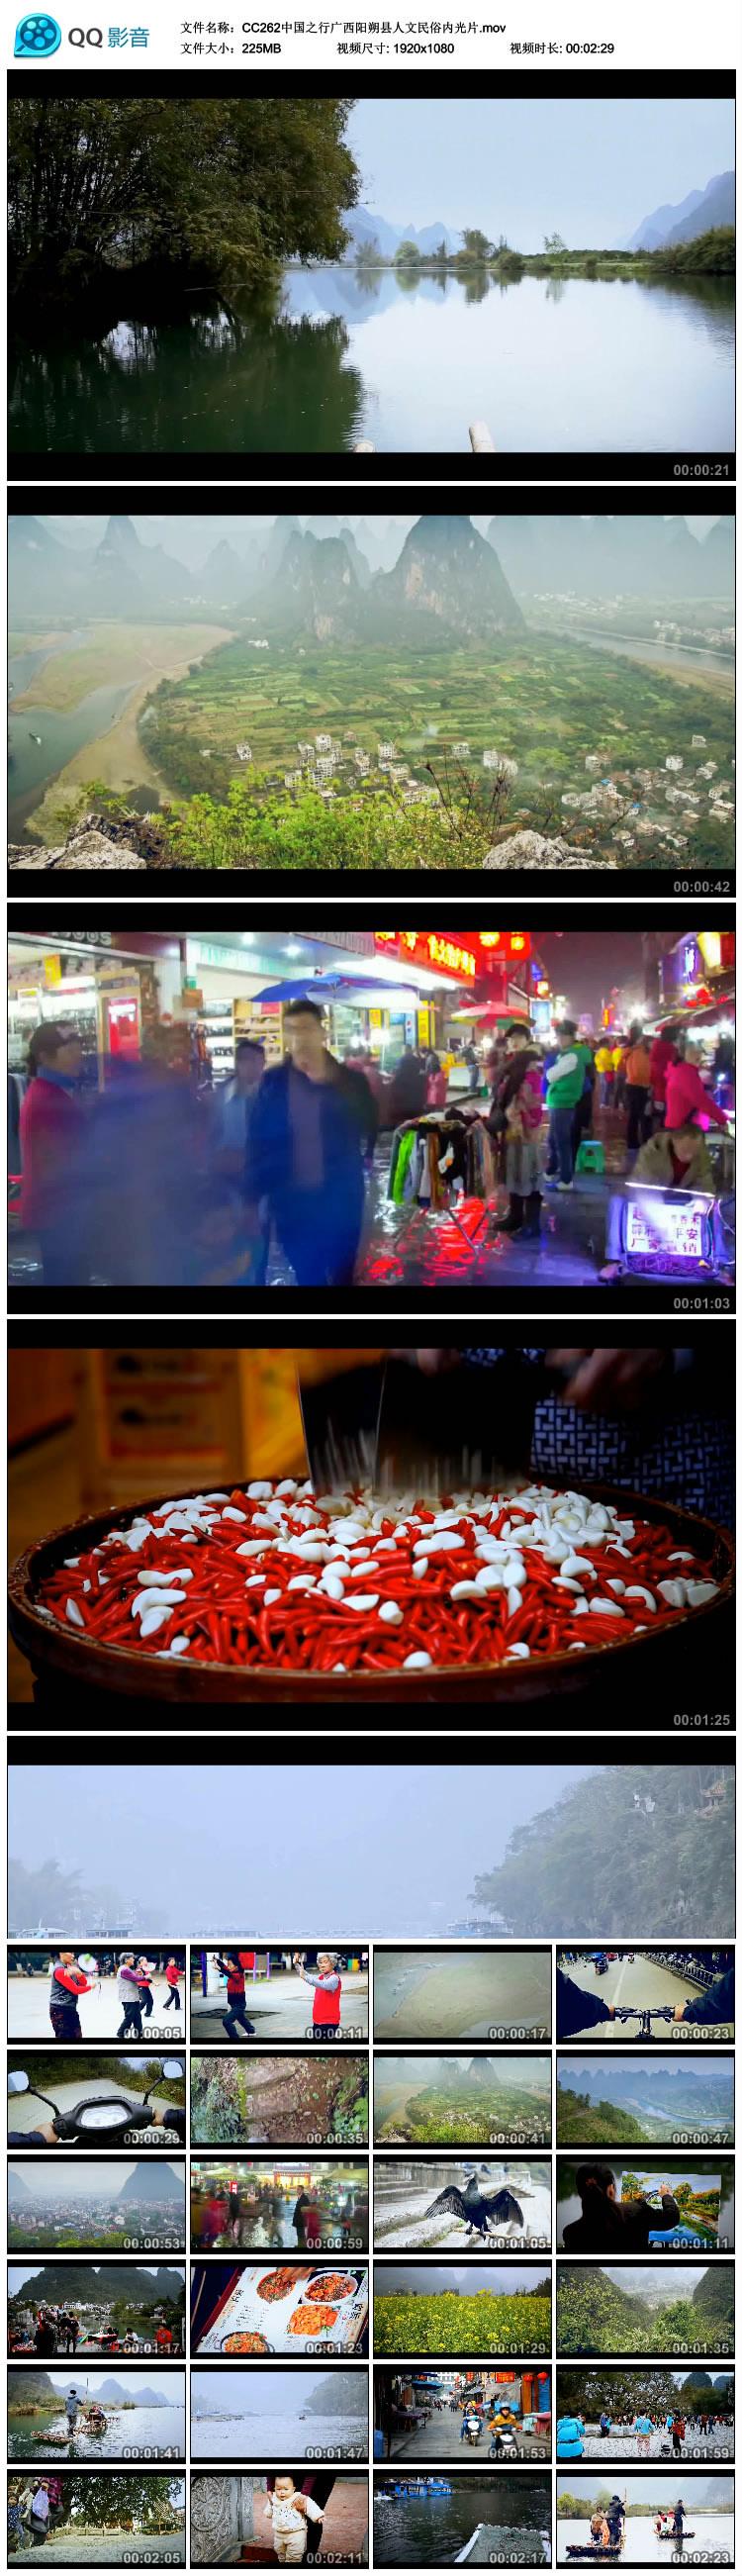 高清实拍广西桂林阳朔县西街十里画廊视频素材人文民俗风光片